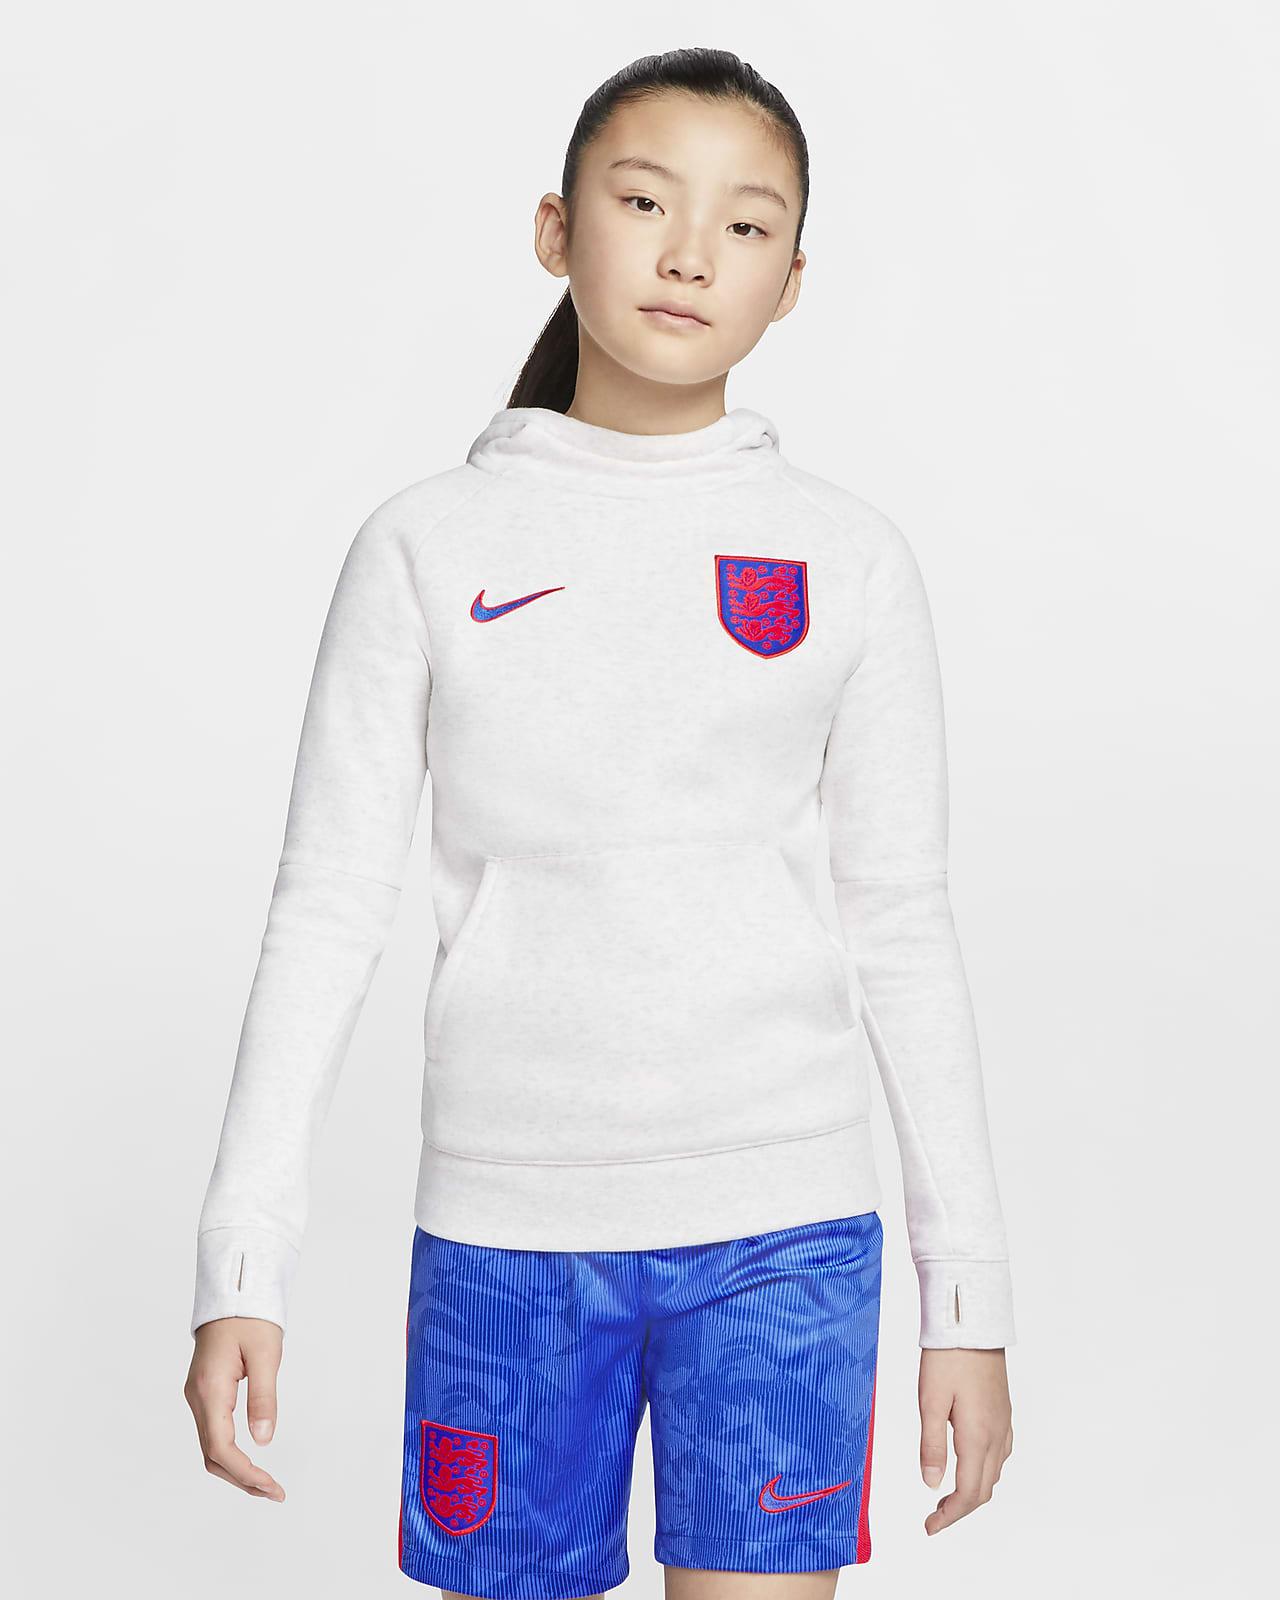 Felpa pullover da calcio in fleece con cappuccio Inghilterra - Ragazzi